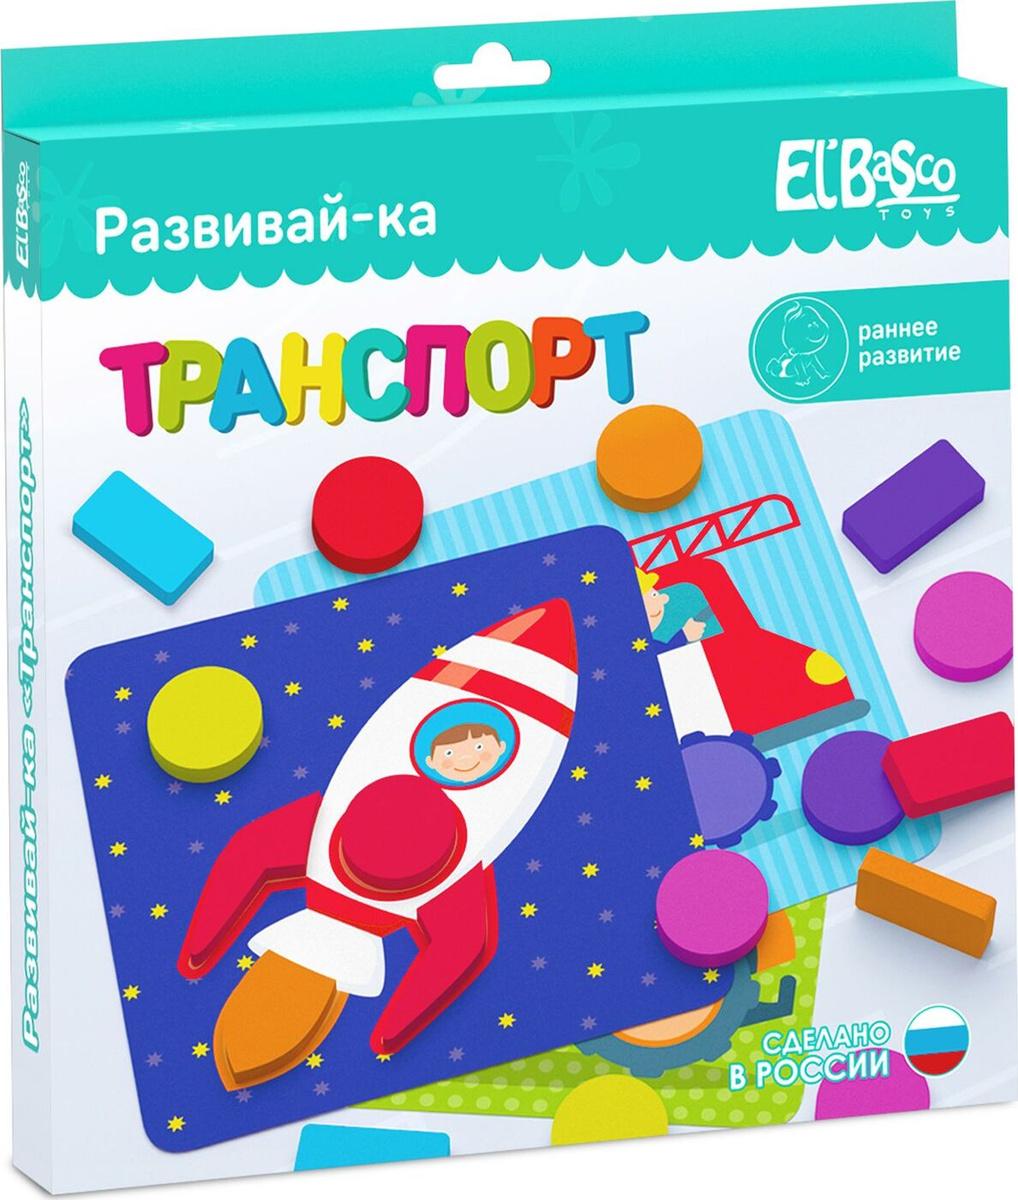 Настольная игра El'BascoToys Развивай-ка Транспорт #1